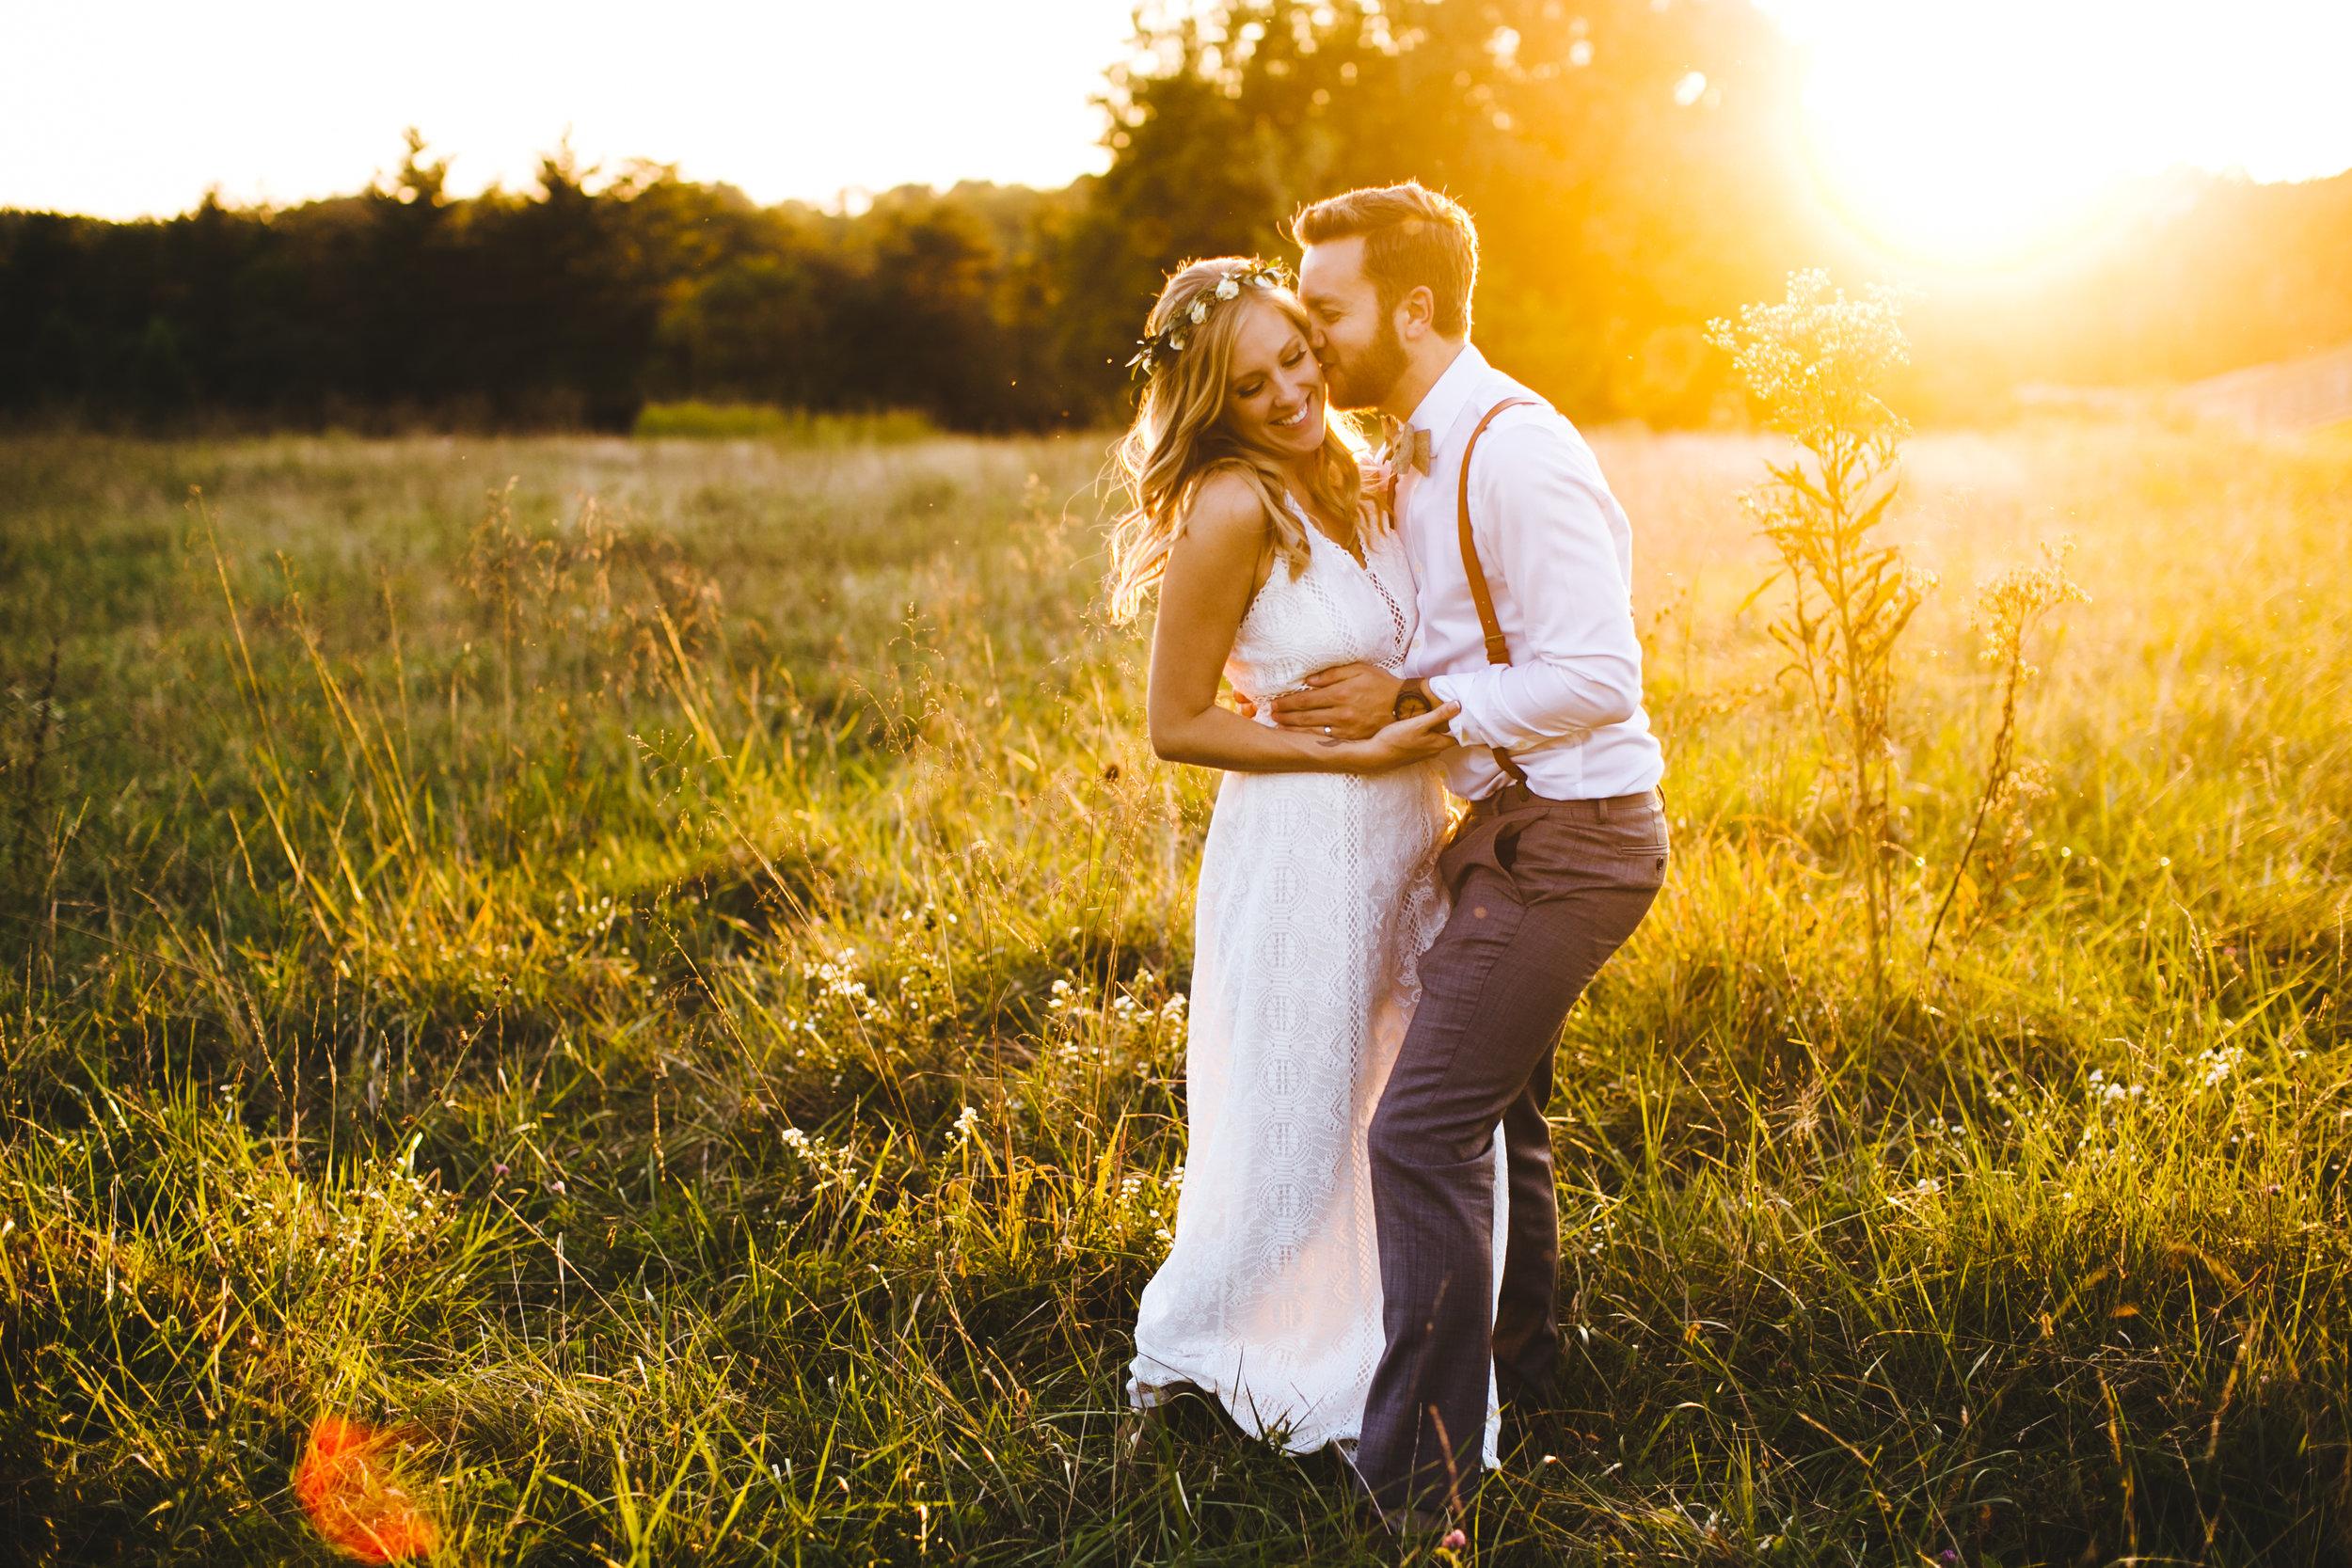 wedding__0765.jpg